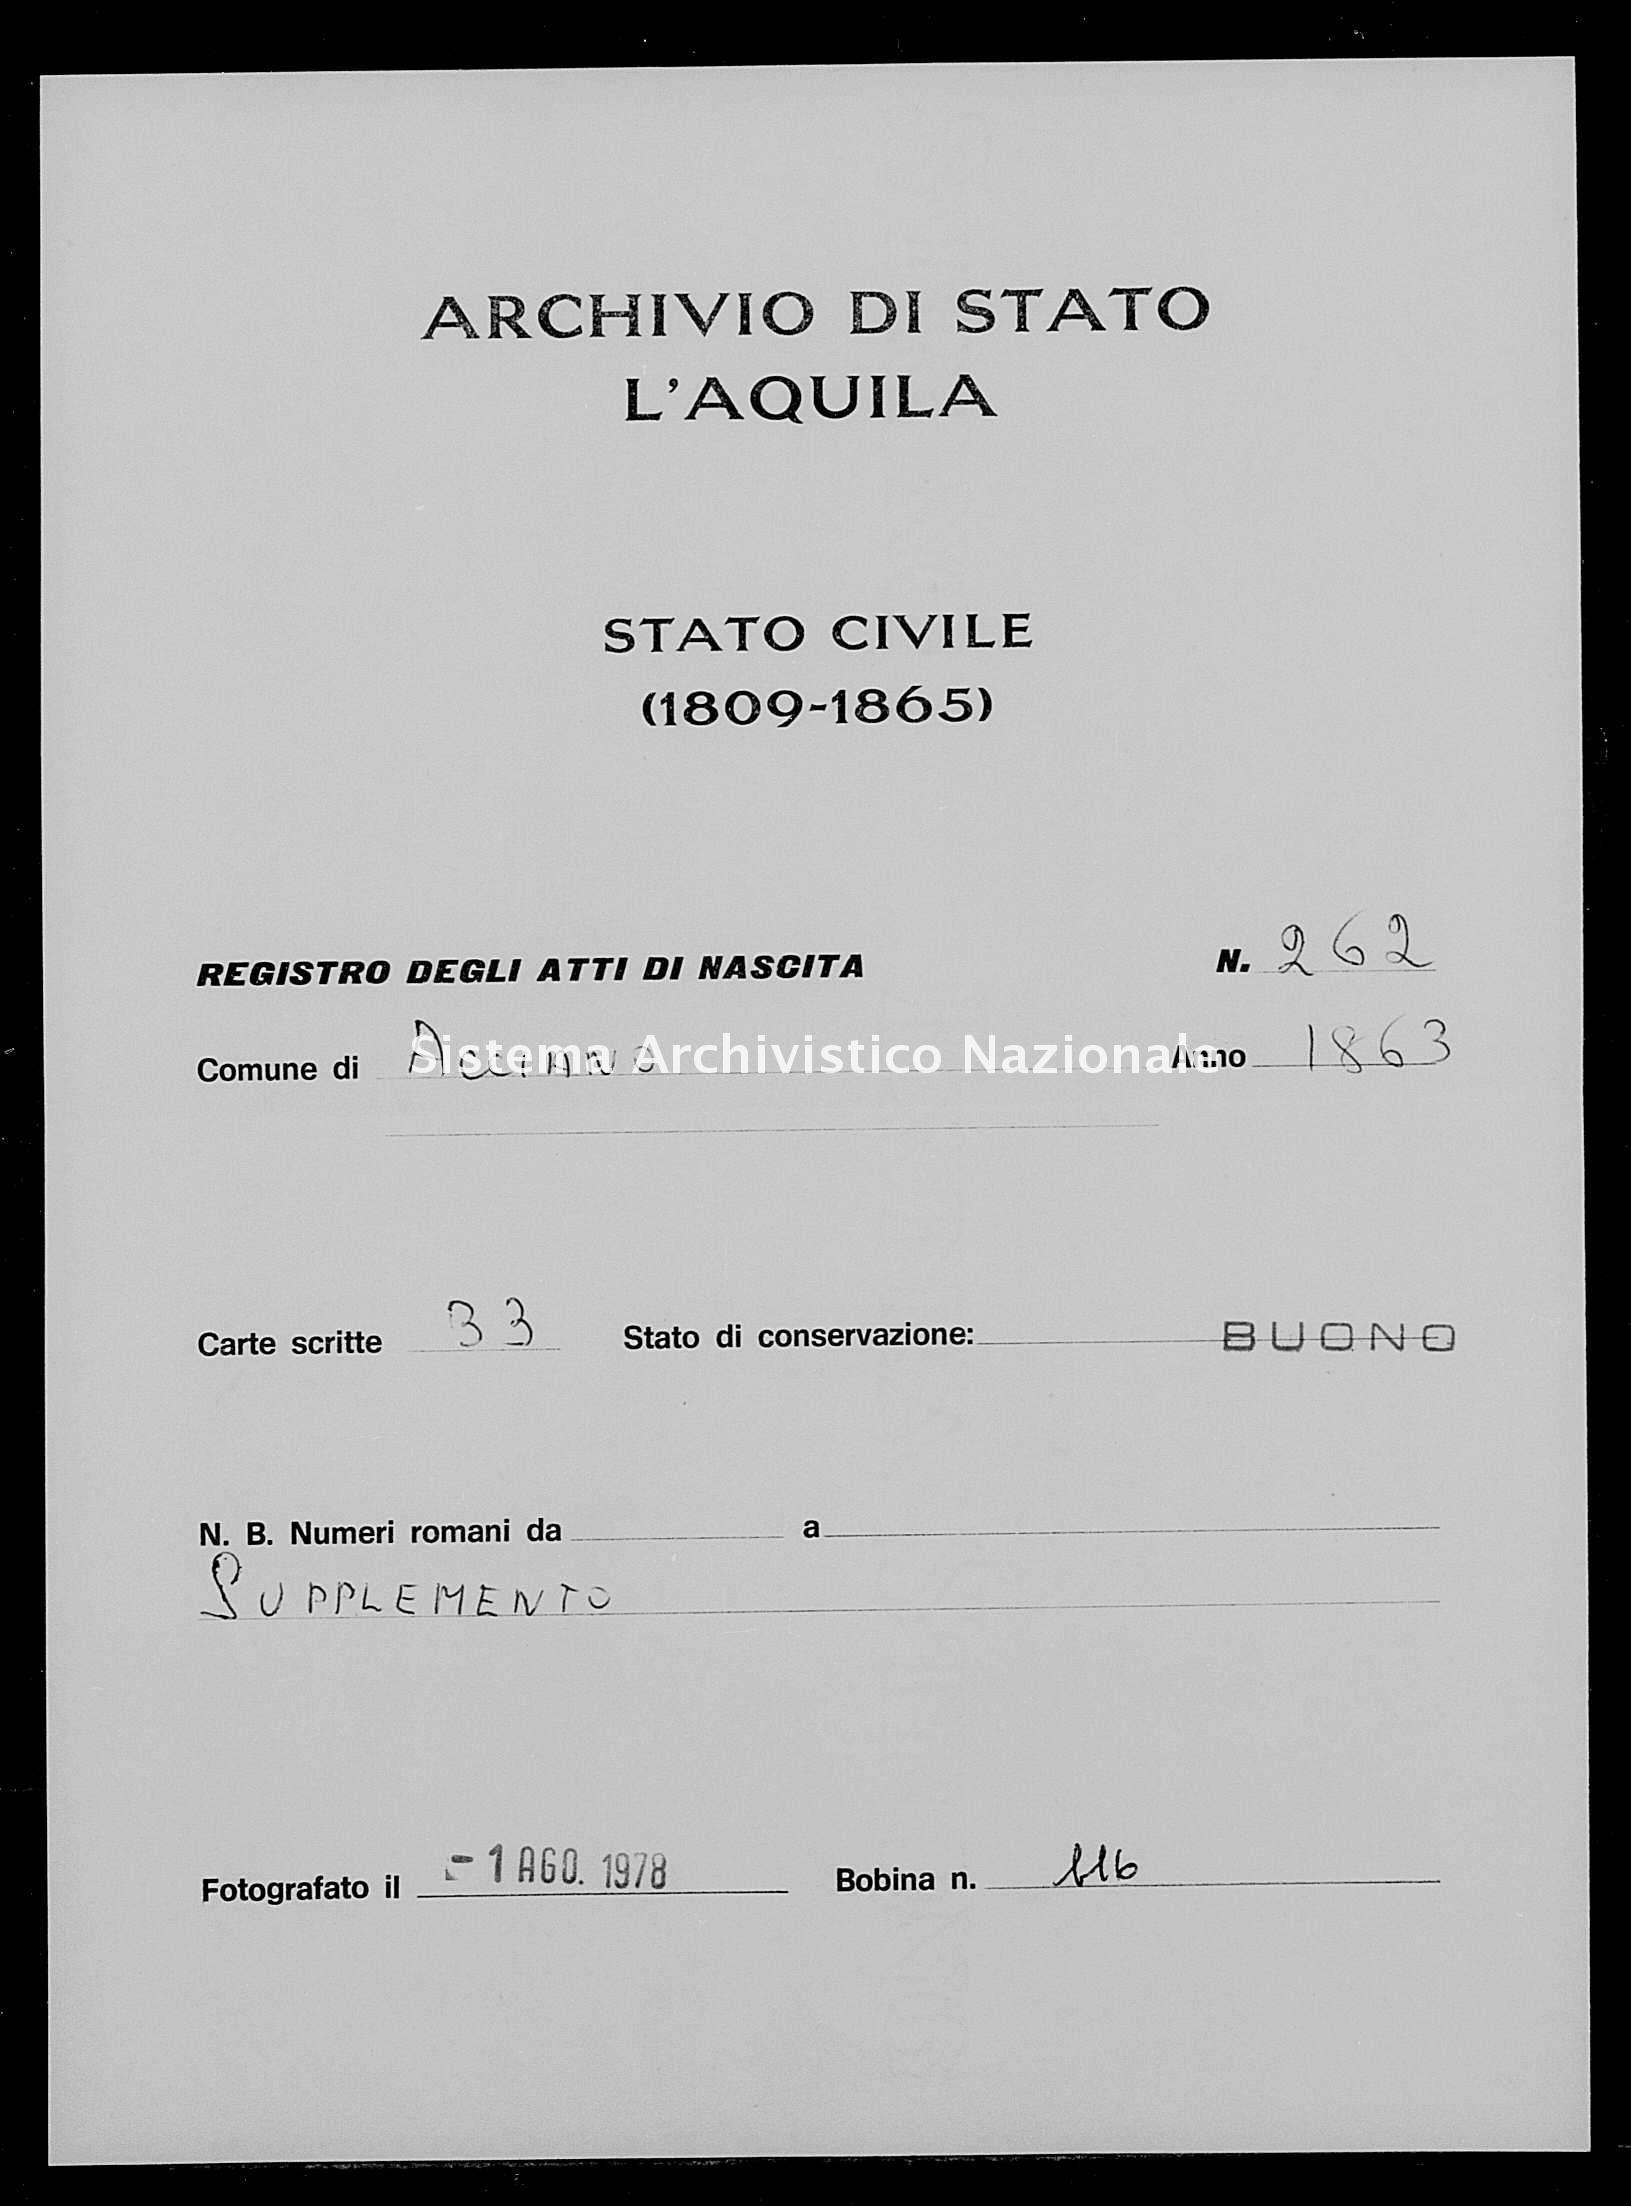 Archivio di stato di L'aquila - Stato civile italiano - Acciano - Nati, battesimi - 1863 - 262 -